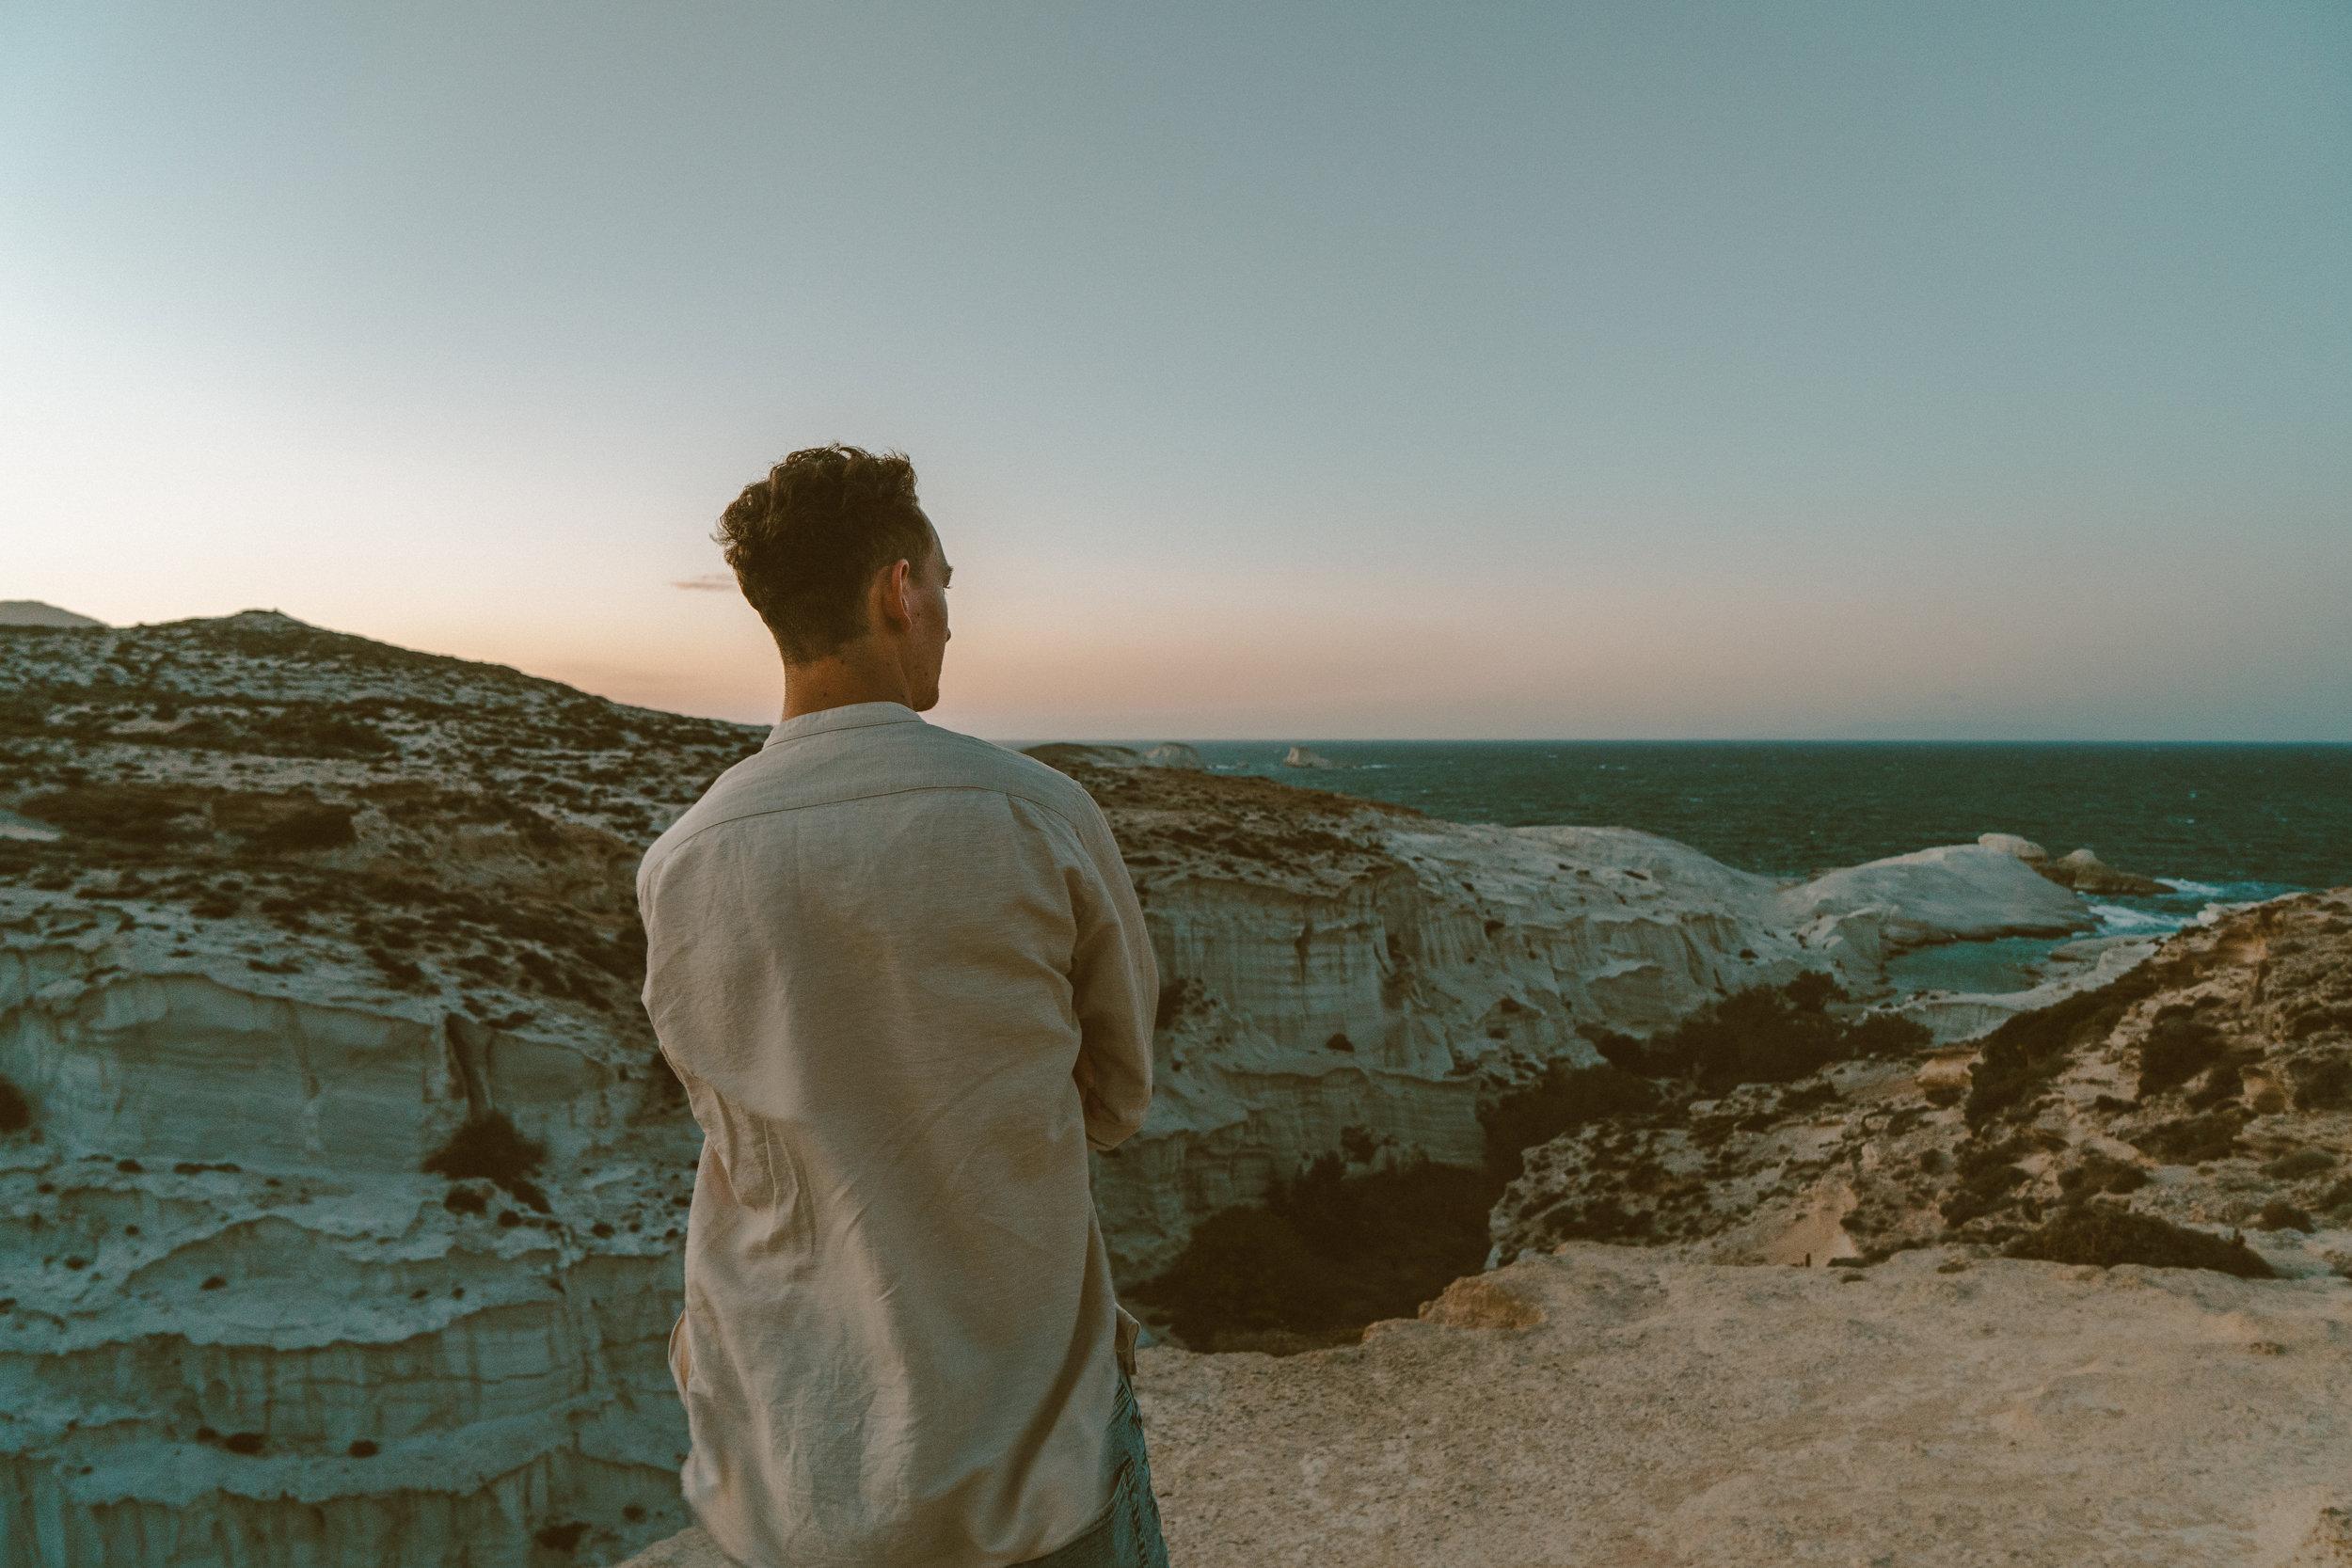 Harry in Sarakiniko Beach, Milos - at Sunset